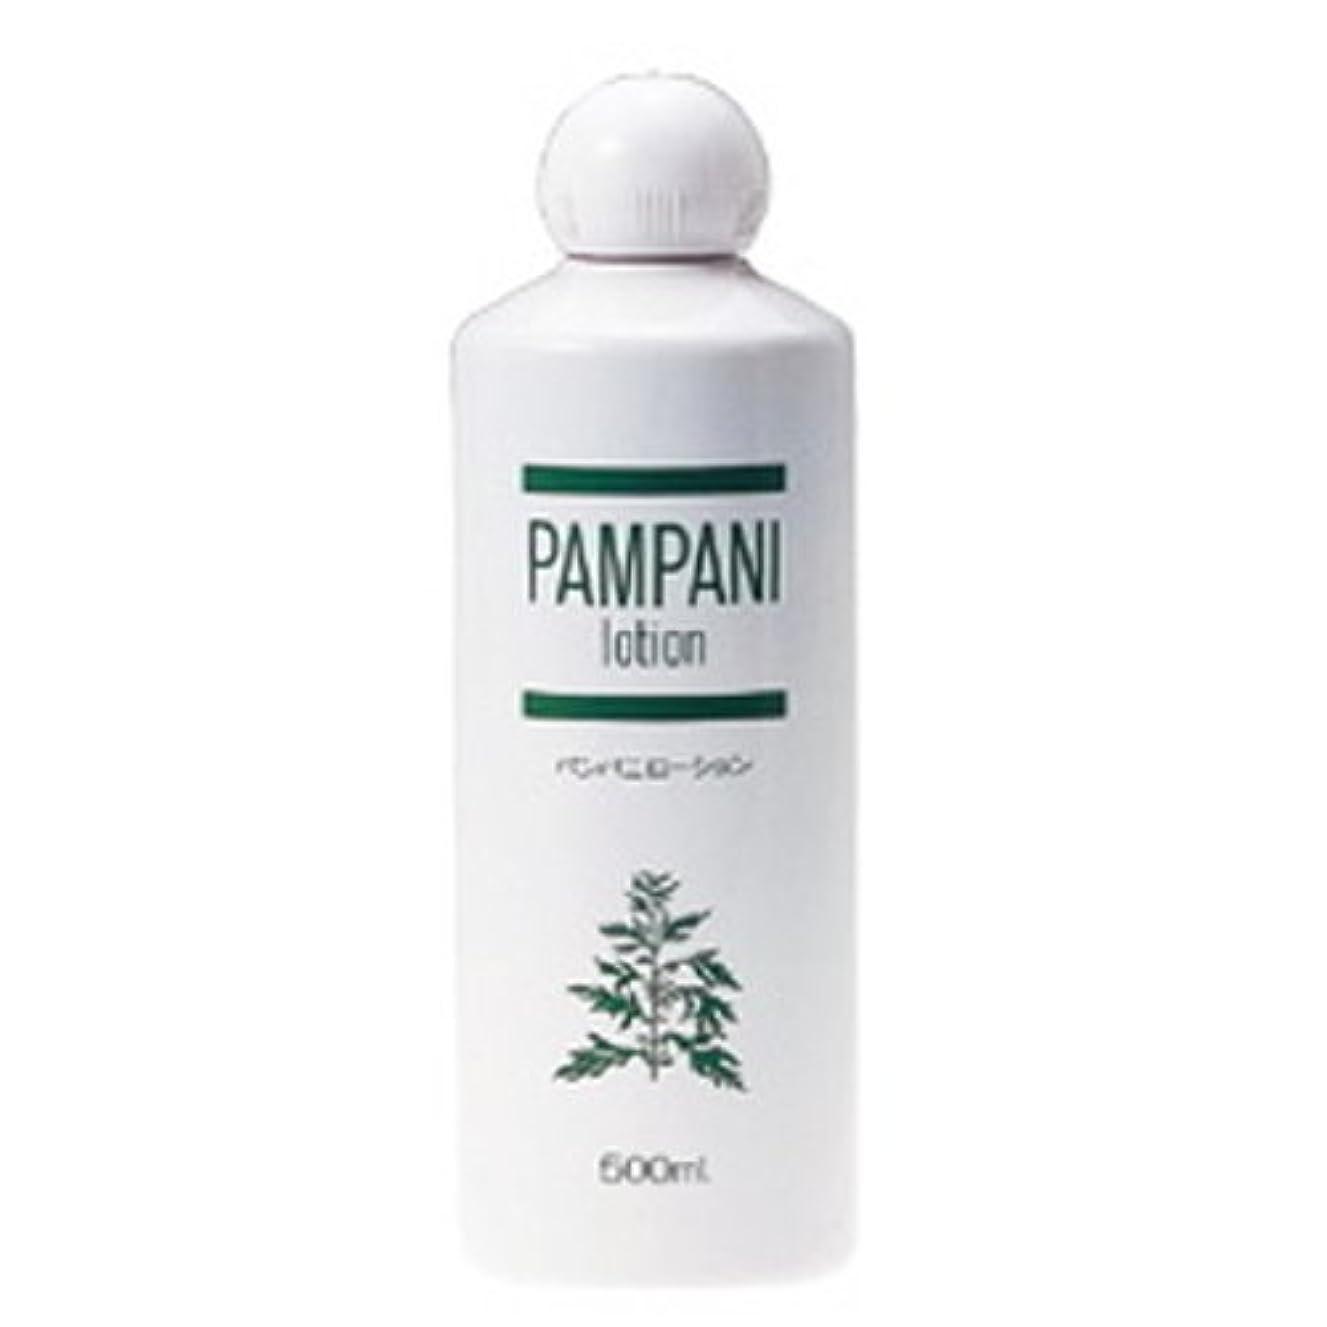 安全なうつ存在するパンパニ(PAMPANI) ローション 500ml